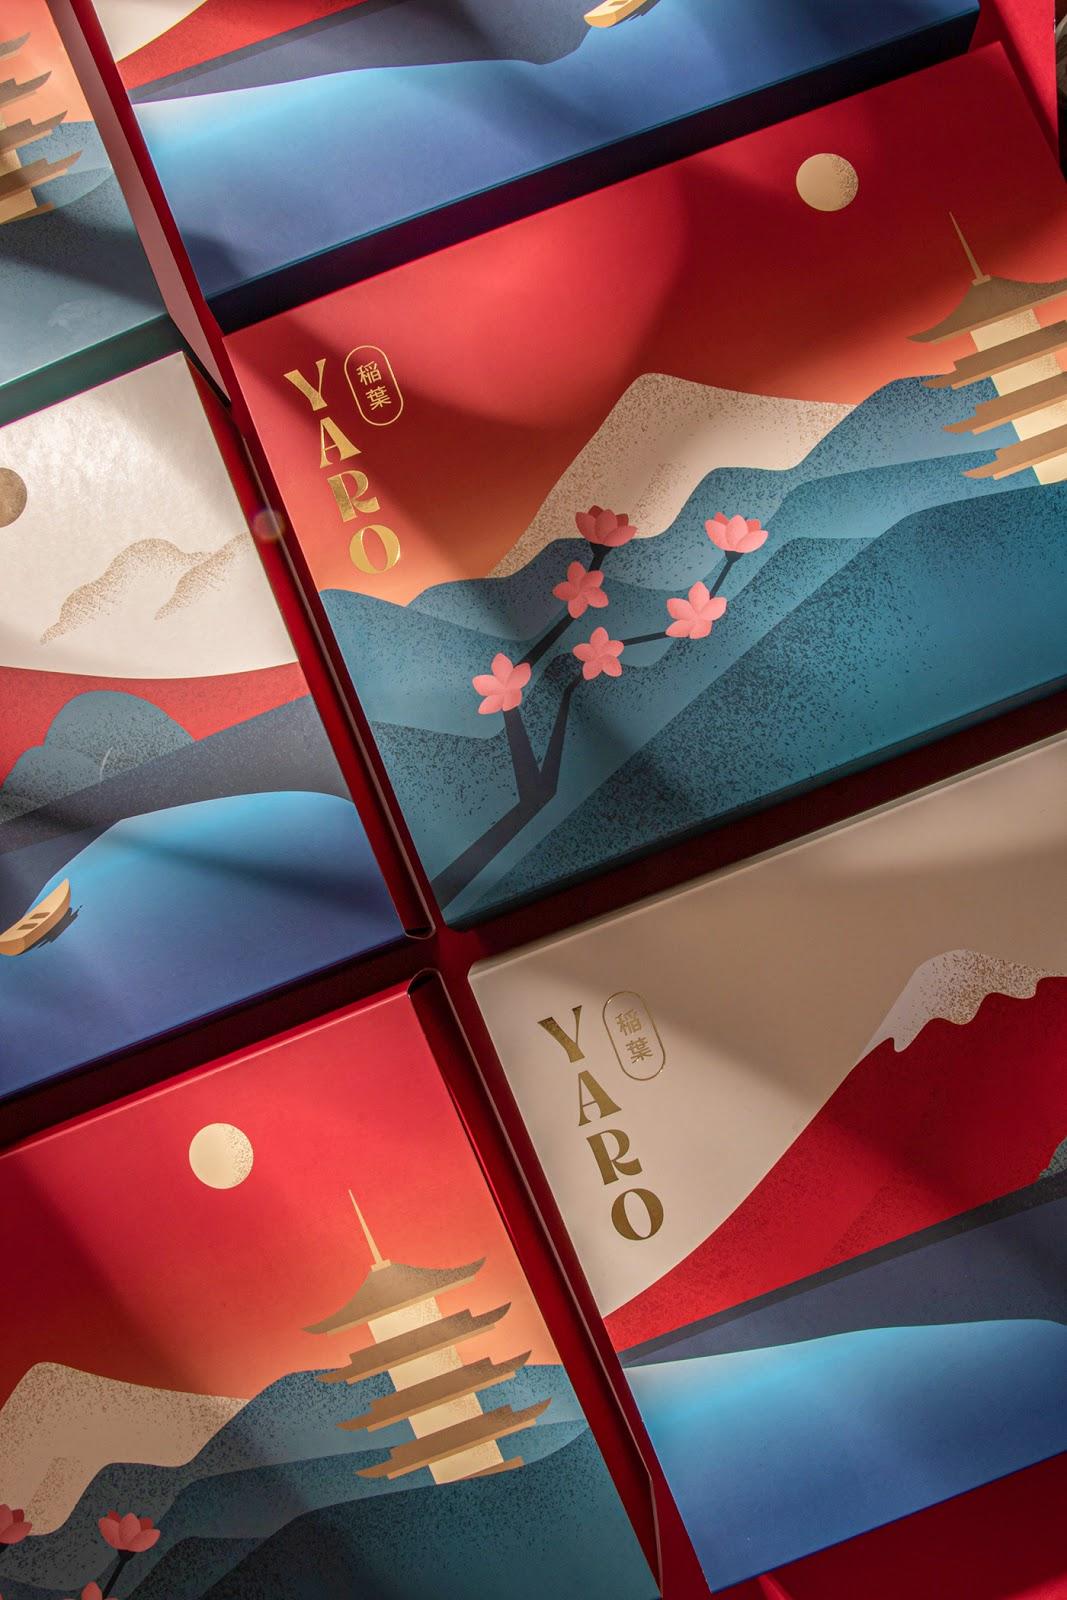 浓浓日式风格!Yaro寿司品牌形象设计